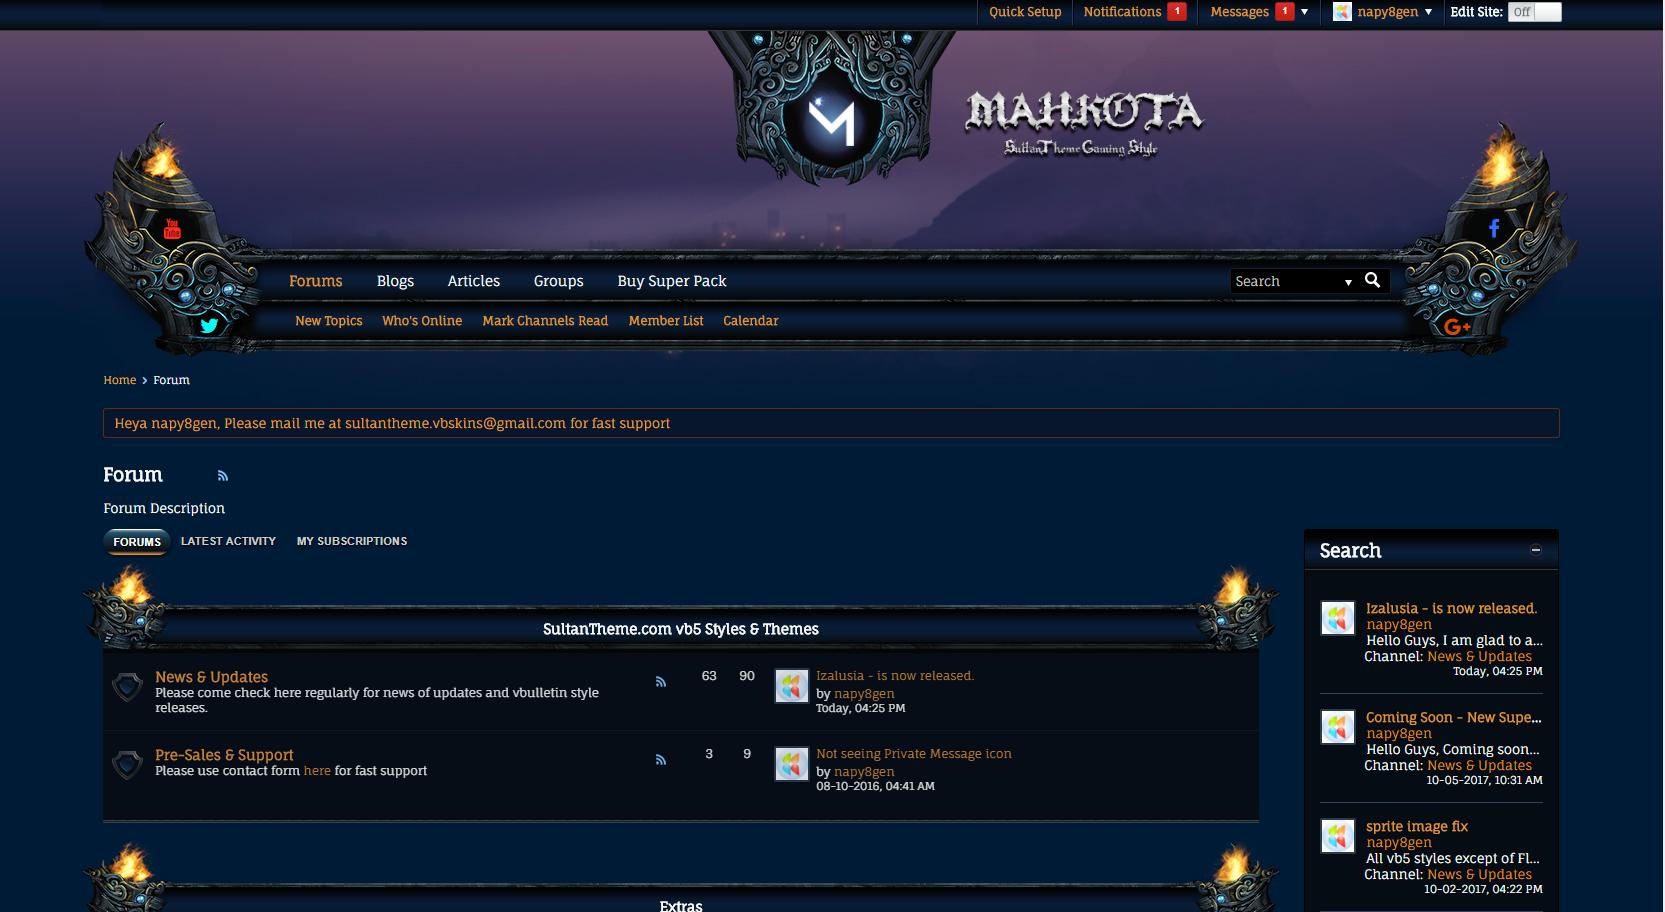 mahkota - Mahkota has been updated